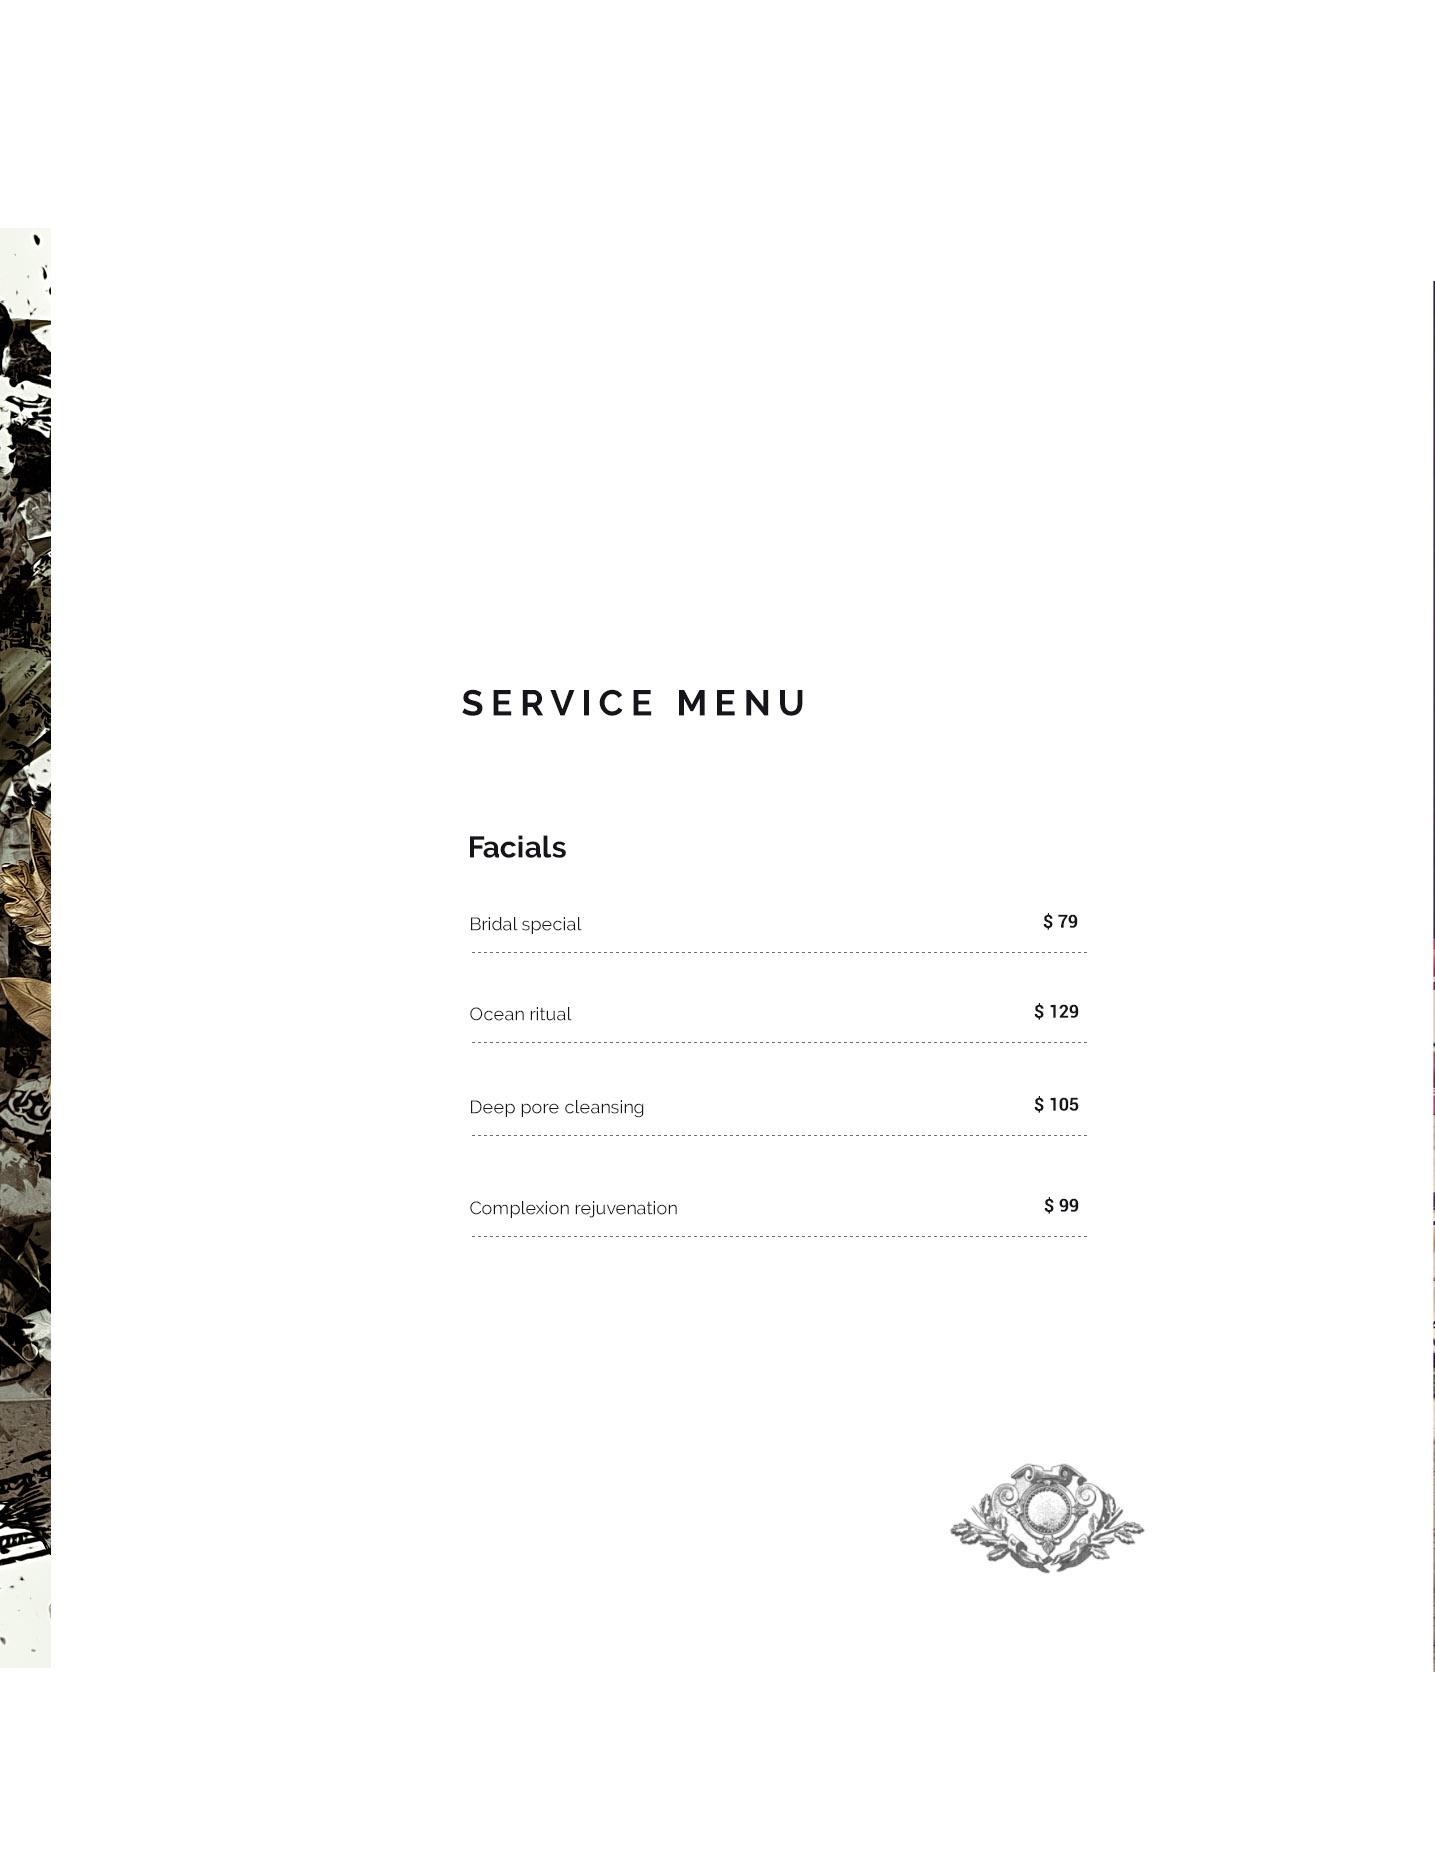 Colosseum luxury spa service brochure design